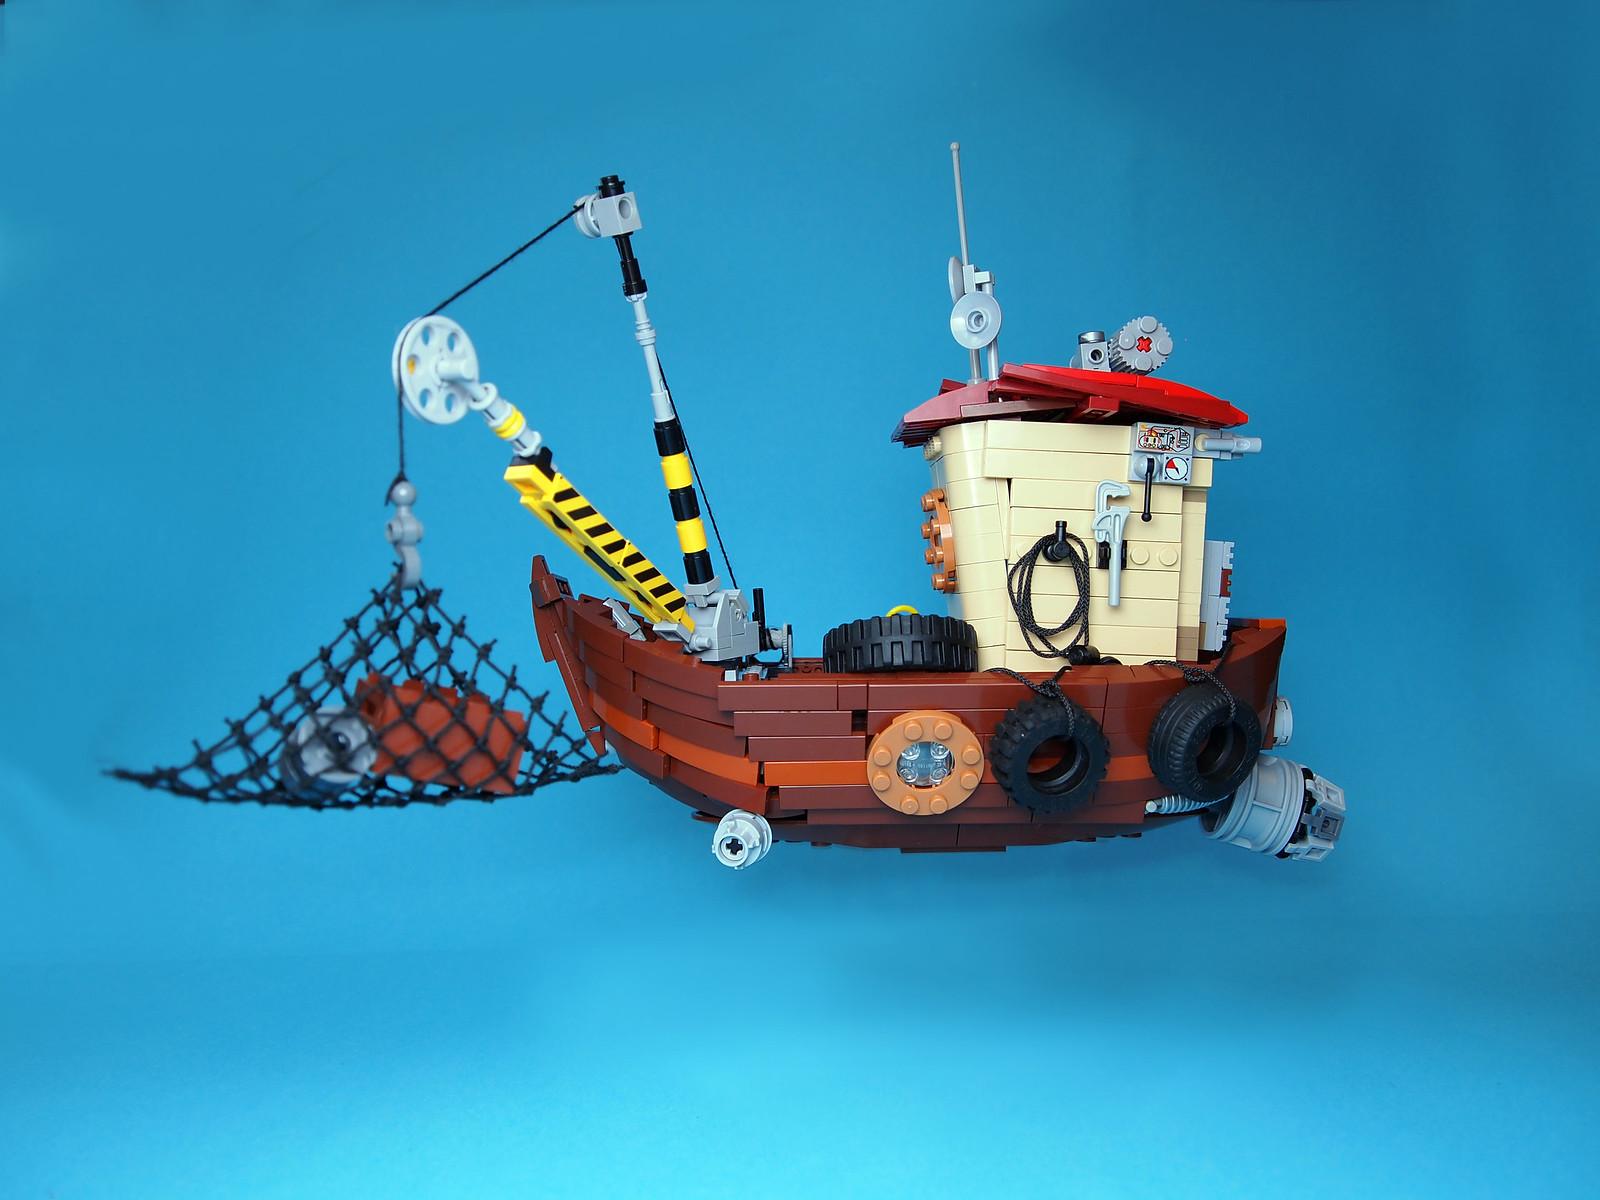 лего саморобка повітряний човен